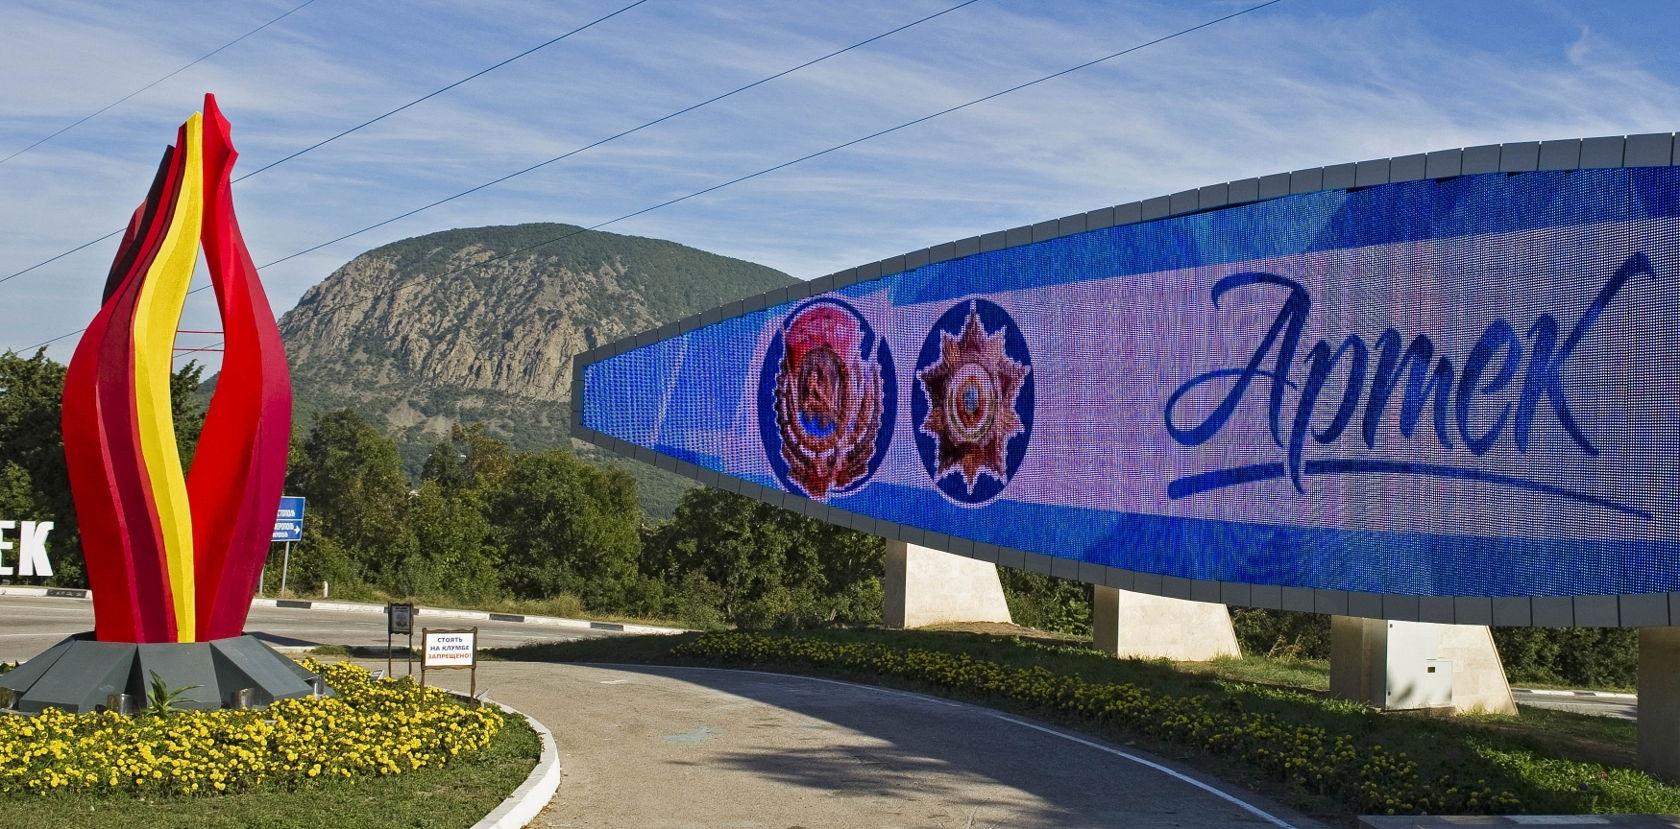 Правительство РФ выделило 1,5 млрд рублей на строительство концертного комплекса в «Артеке»